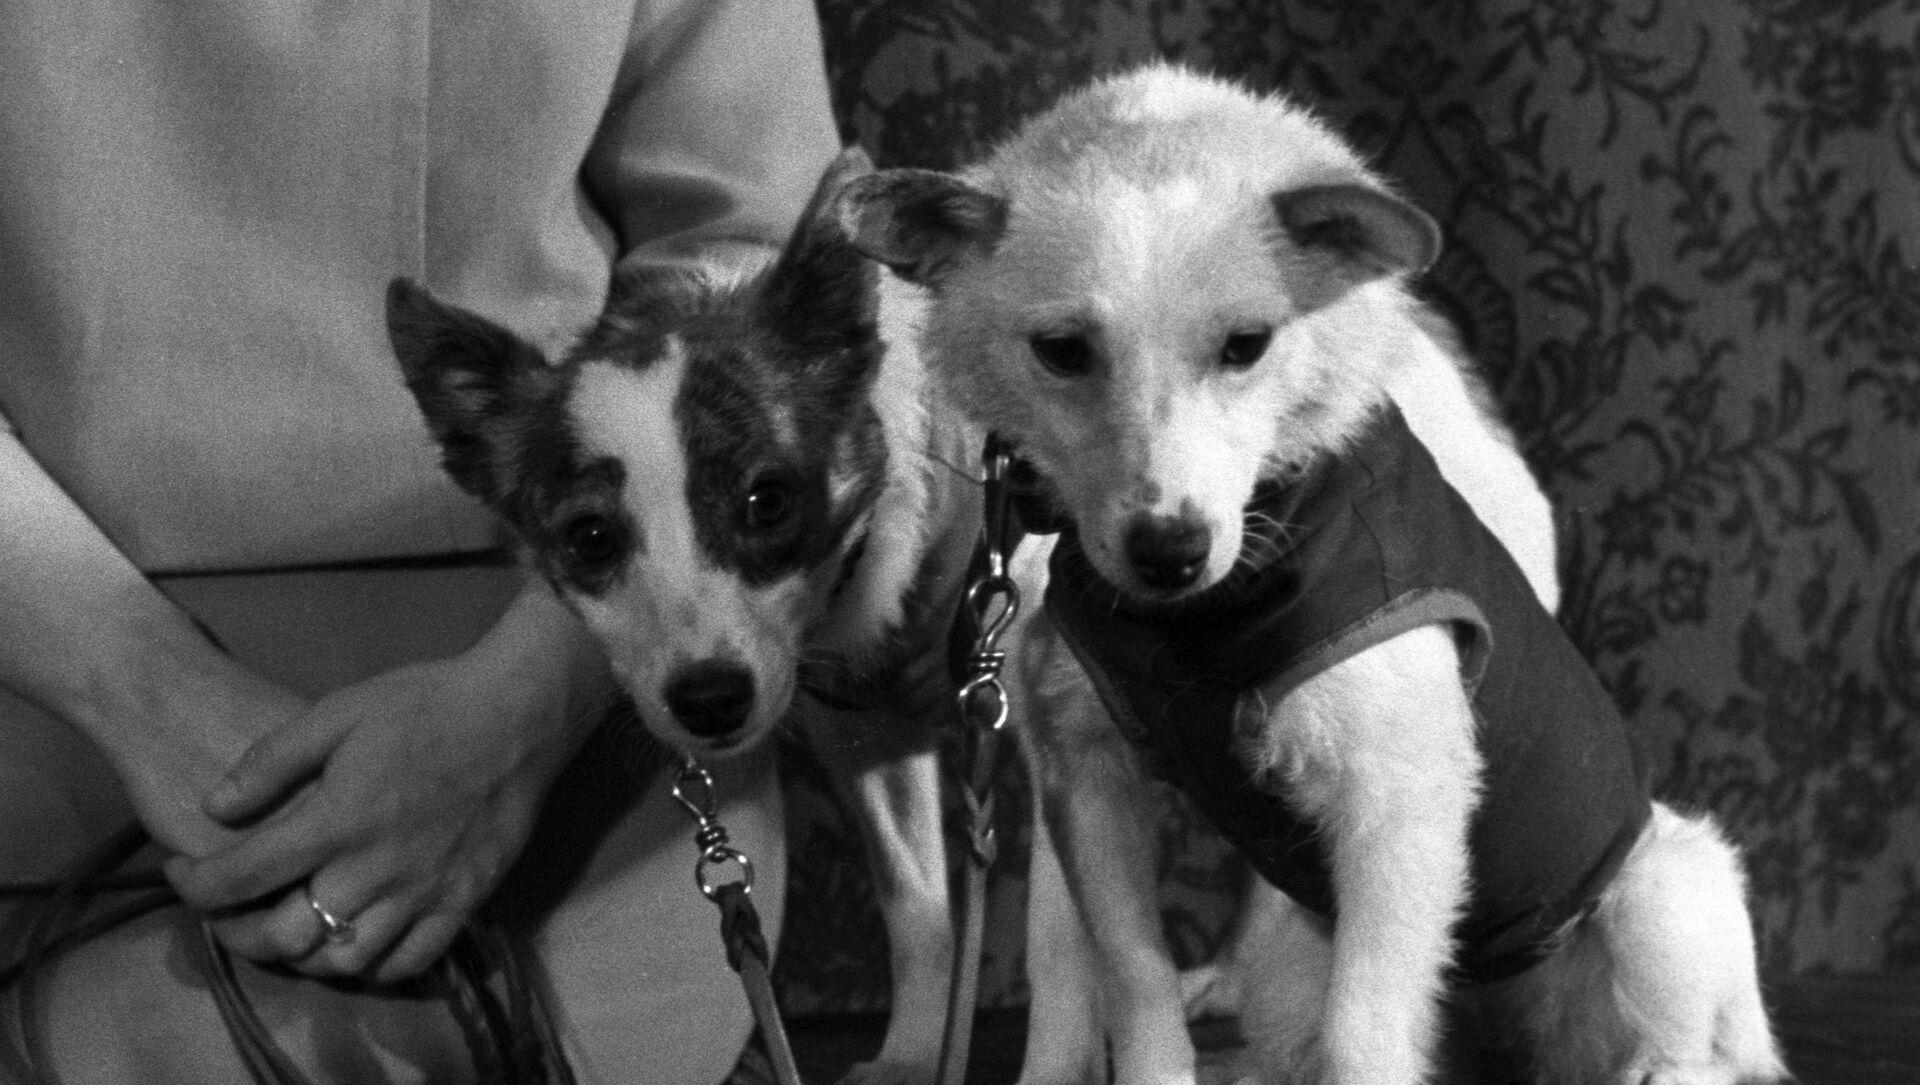 Belka y Strelka, las perritas que conquistaron el espacio - Sputnik Mundo, 1920, 17.08.2020